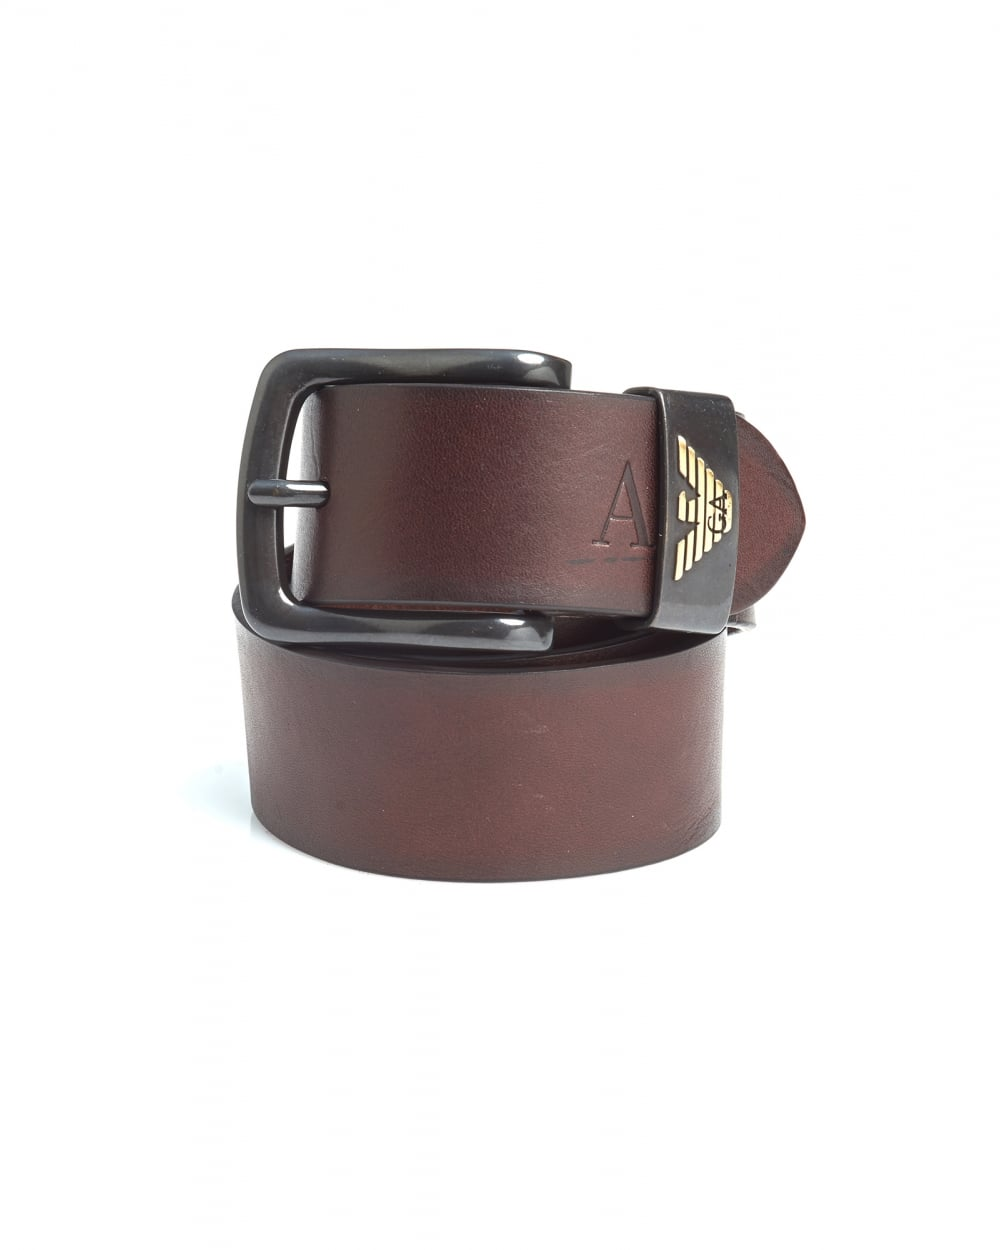 d9e11f207f82 Emporio Armani Mens Dark Brown Eagle Logo Leather Belt - Menswear ...